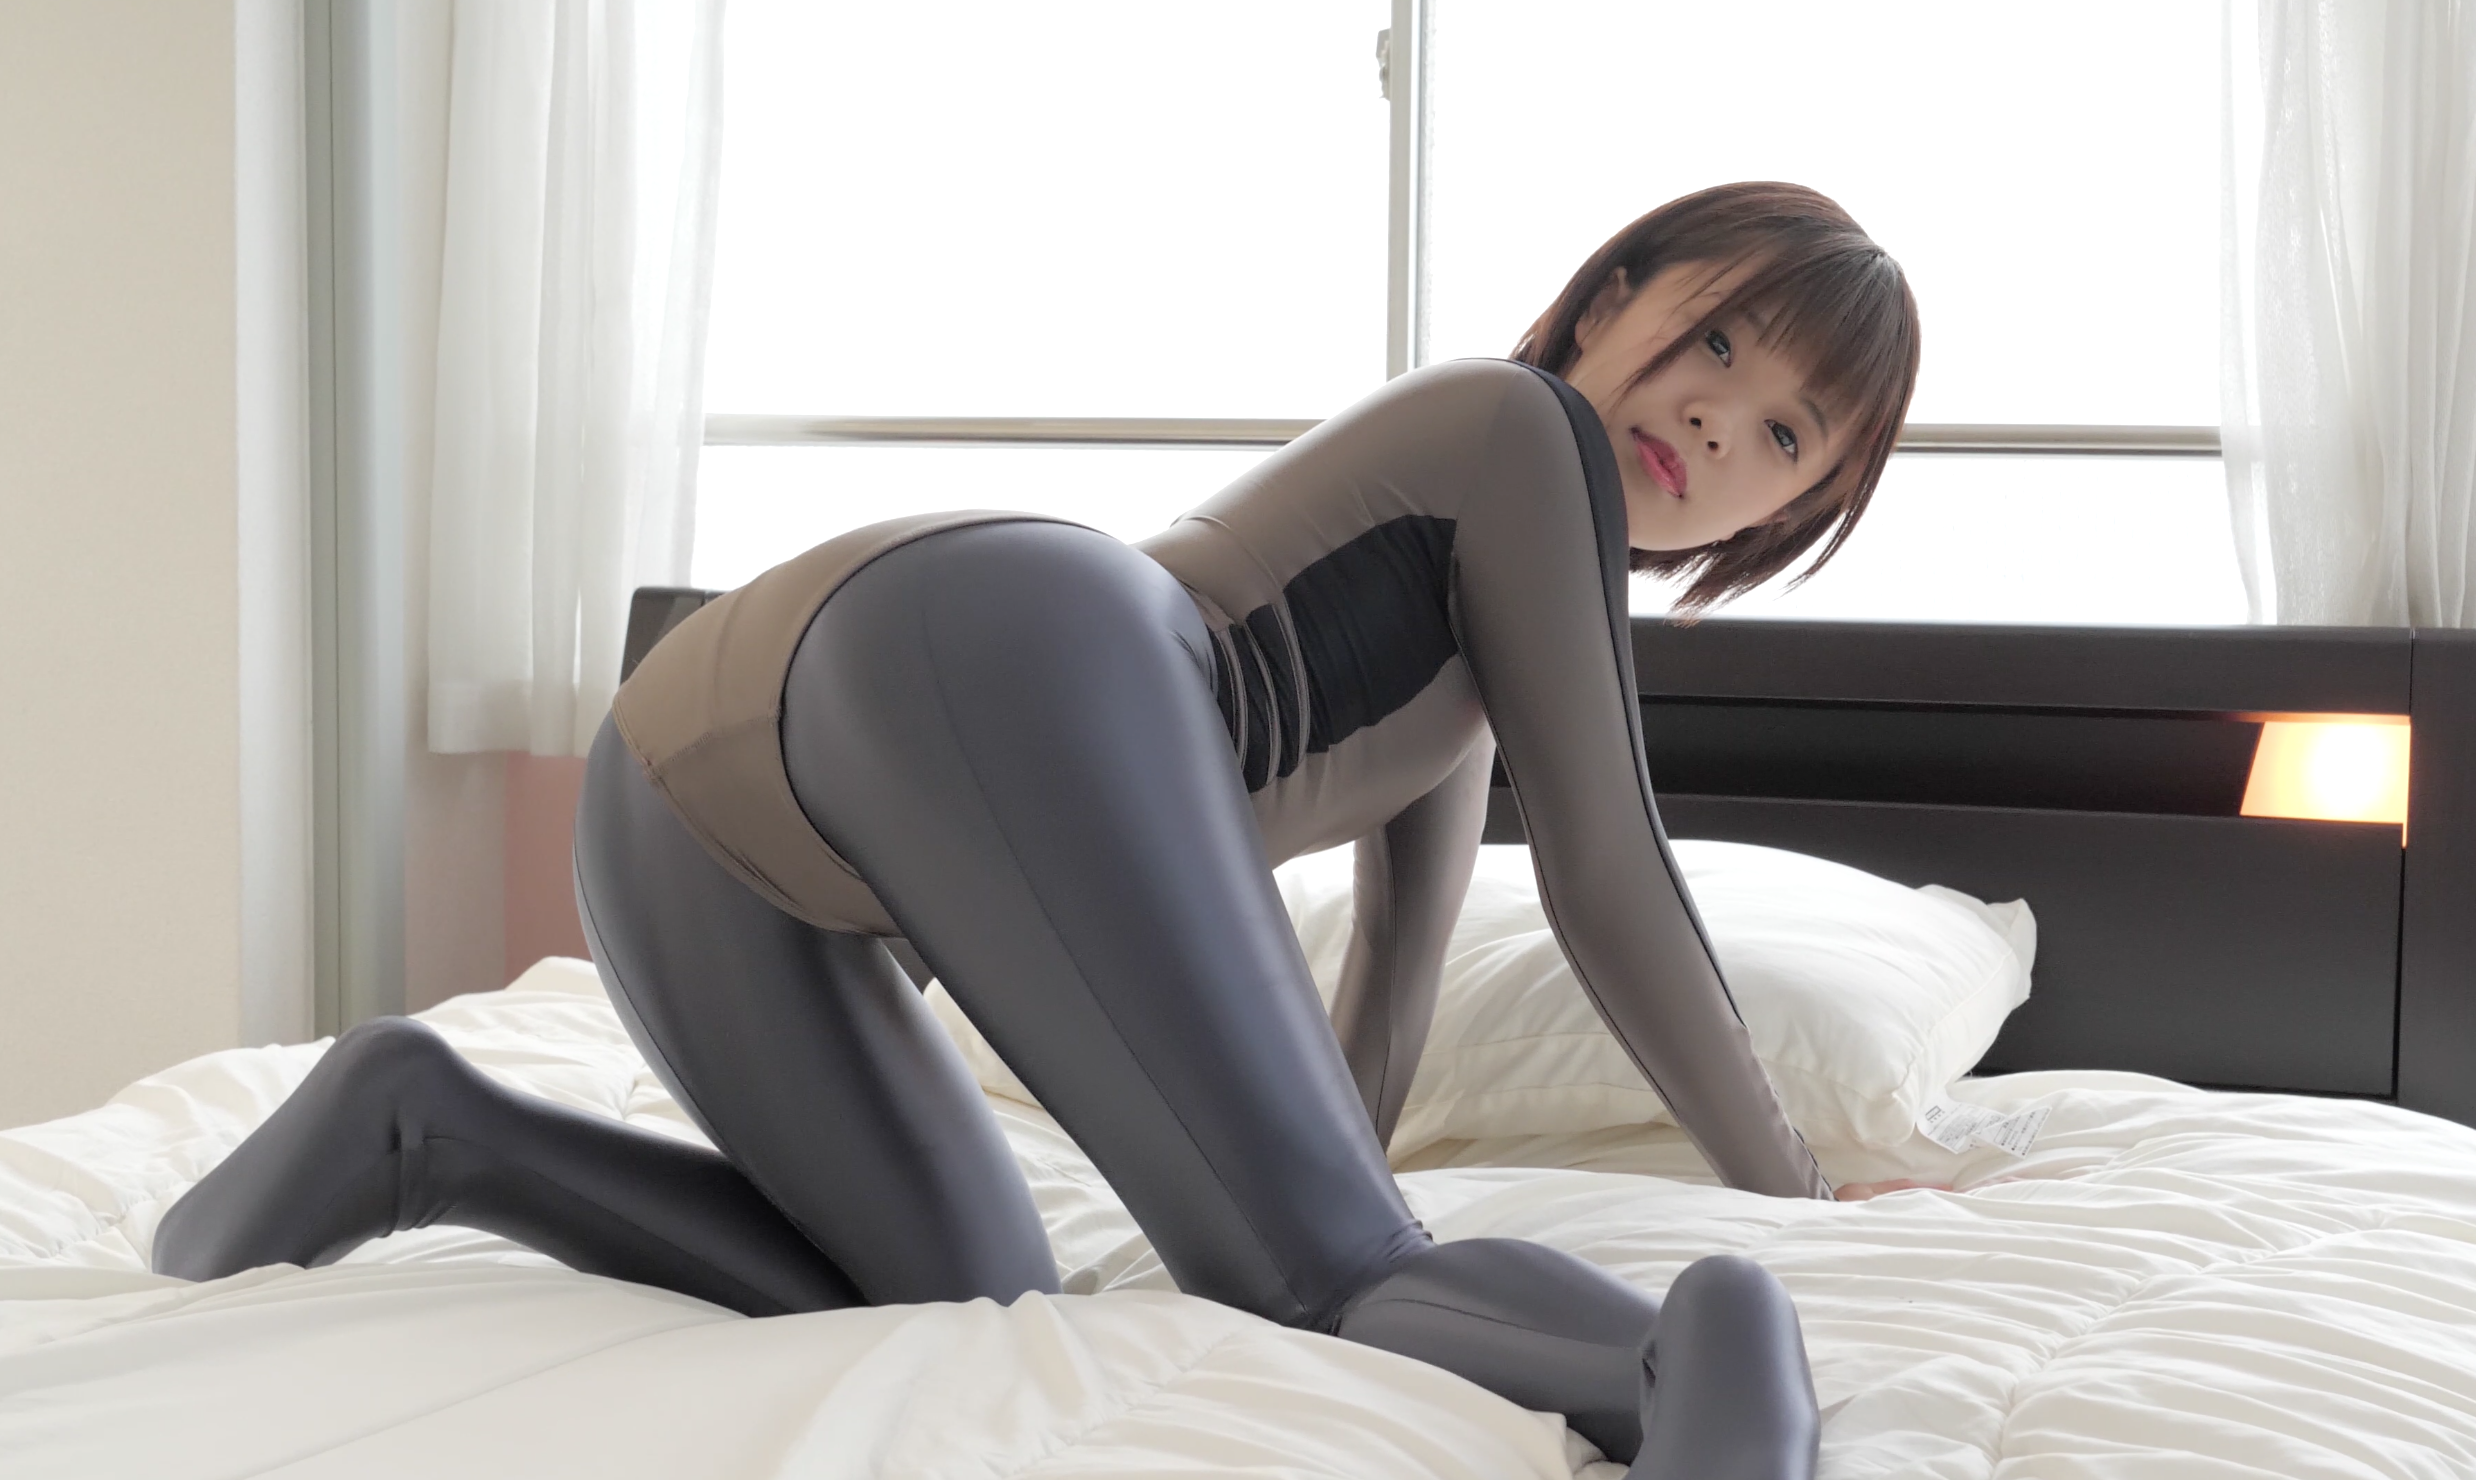 【M男くすぐり】人気女優 星咲凛ちゃんのM男くすぐり地獄!(パッケージ画像)